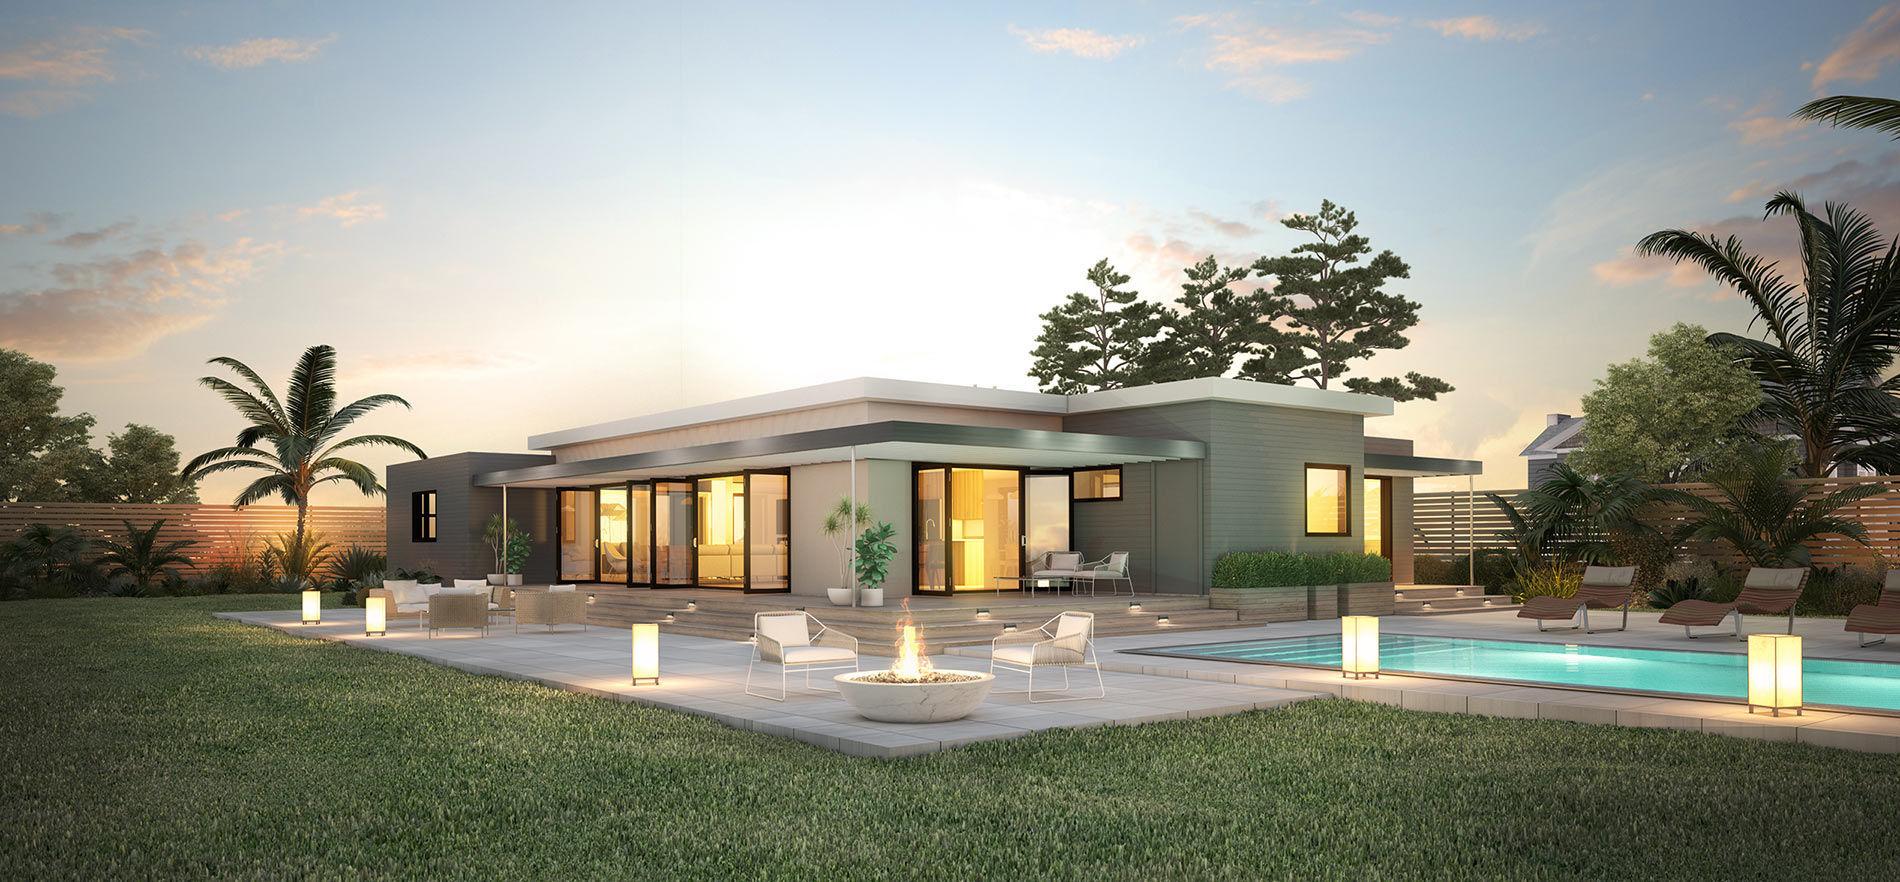 Prefab House Origin 1900 Blu Homes Contemporary Energy Efficient